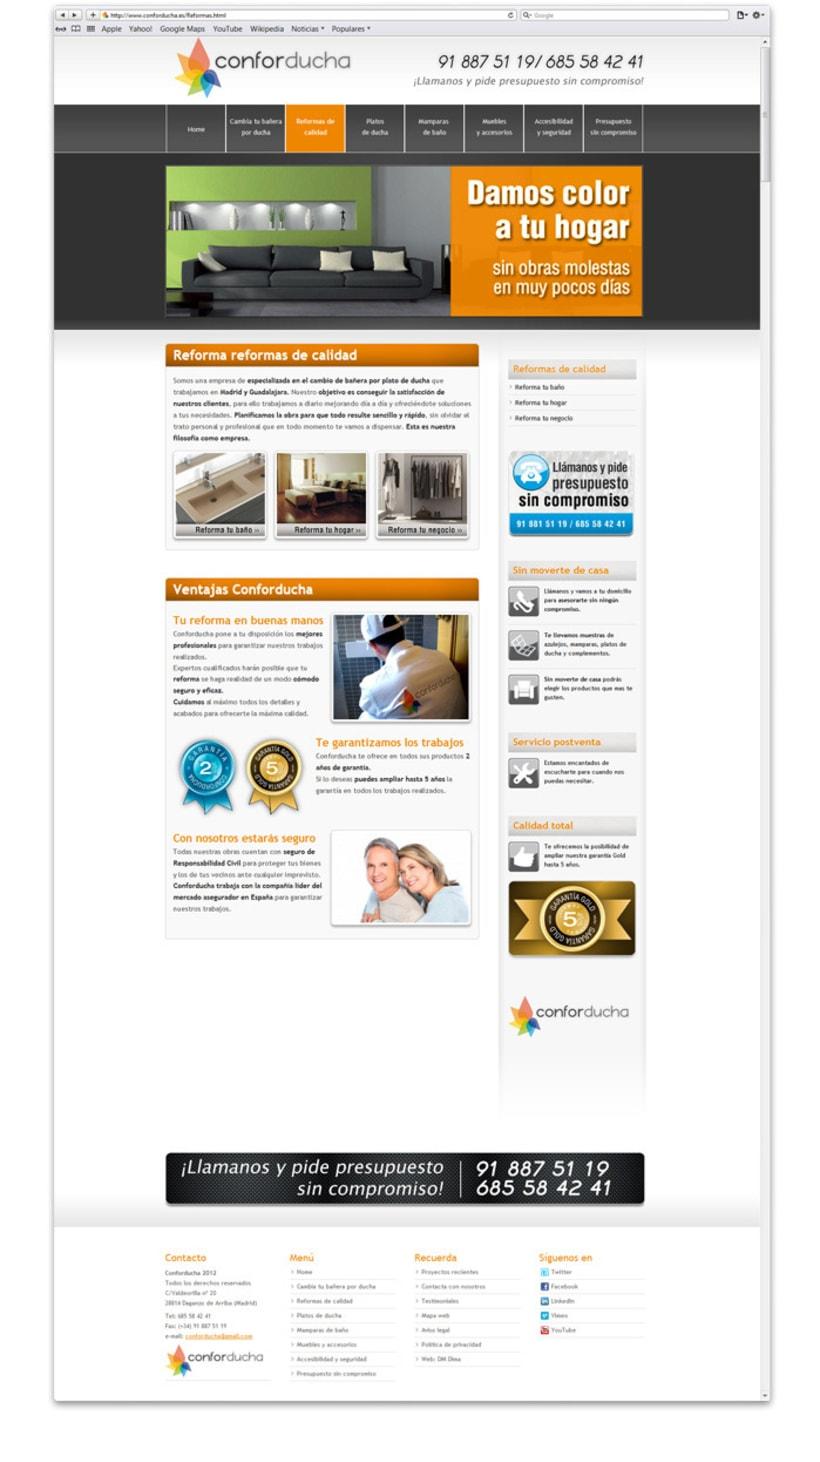 Web Conforducha 2